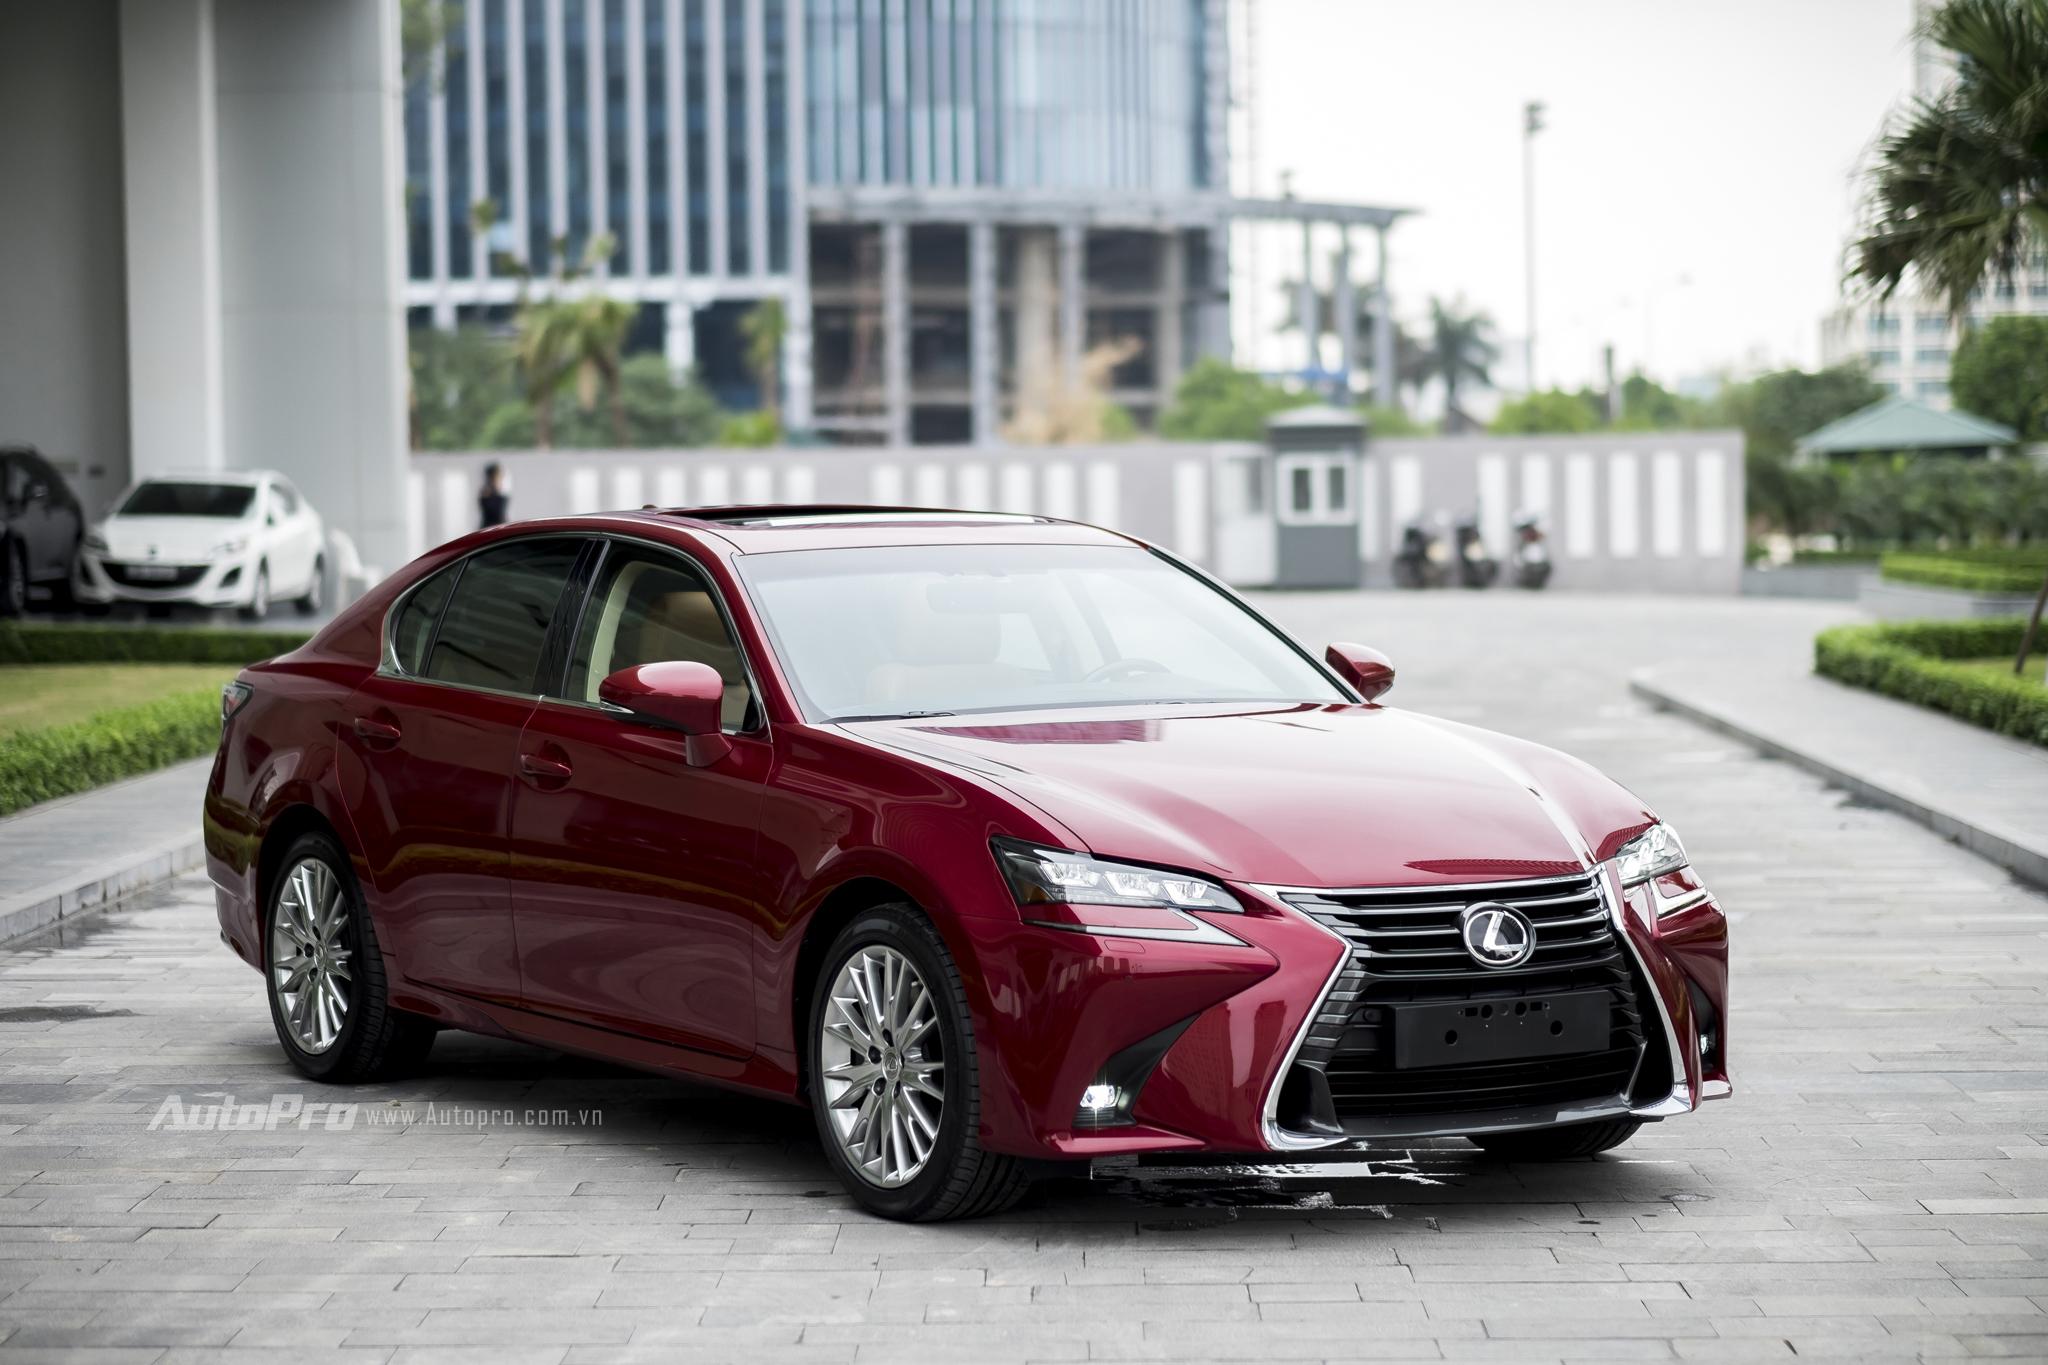 Được ra mắt tại Triển lãm ô tô Quốc tế Việt Nam 2016 vừa qua, Lexus GS200t nhanh chóng thu hút được sự quan tâm của nhiều khách hàng trong nước nhờ mức giá cạnh tranh 3,13 tỷ Đồng. Để có được mức giá này, công lớn thuộc về khối động cơ tăng áp 2.0L giúp mẫu xe sedan này tránh được thuế tiêu thụ đặc biệt.